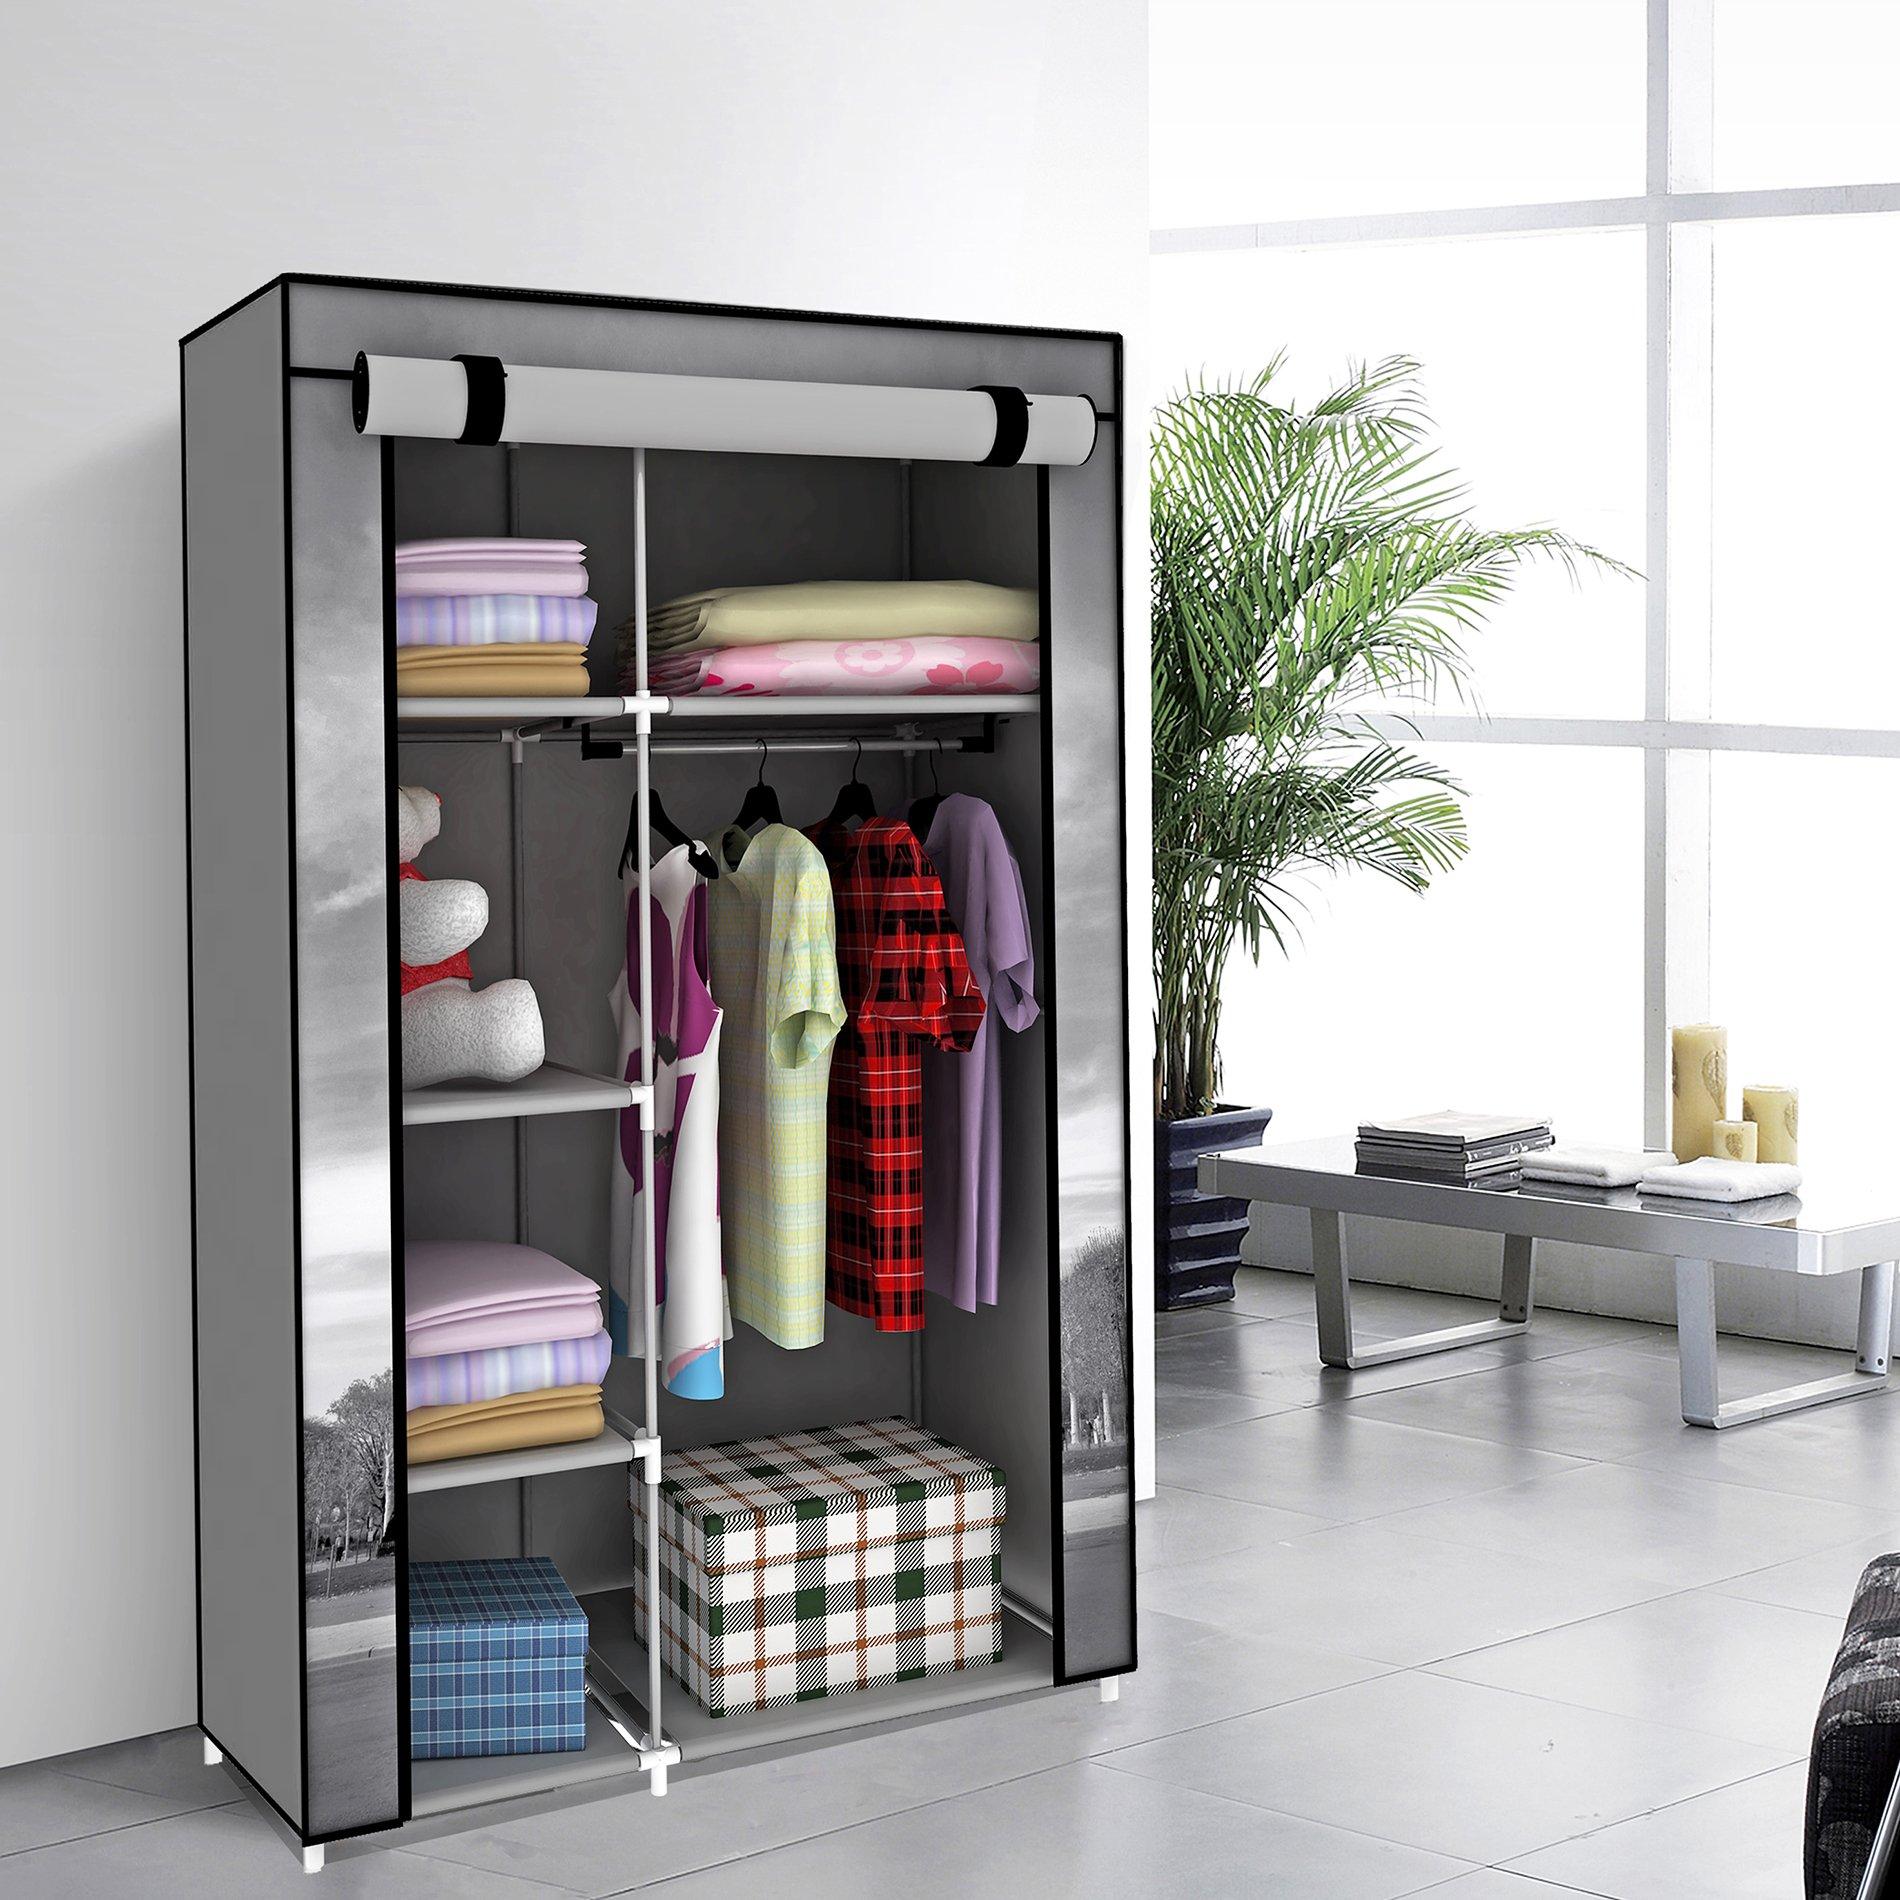 luftentfeuchter schlafzimmer farbige bettdecken ikea. Black Bedroom Furniture Sets. Home Design Ideas